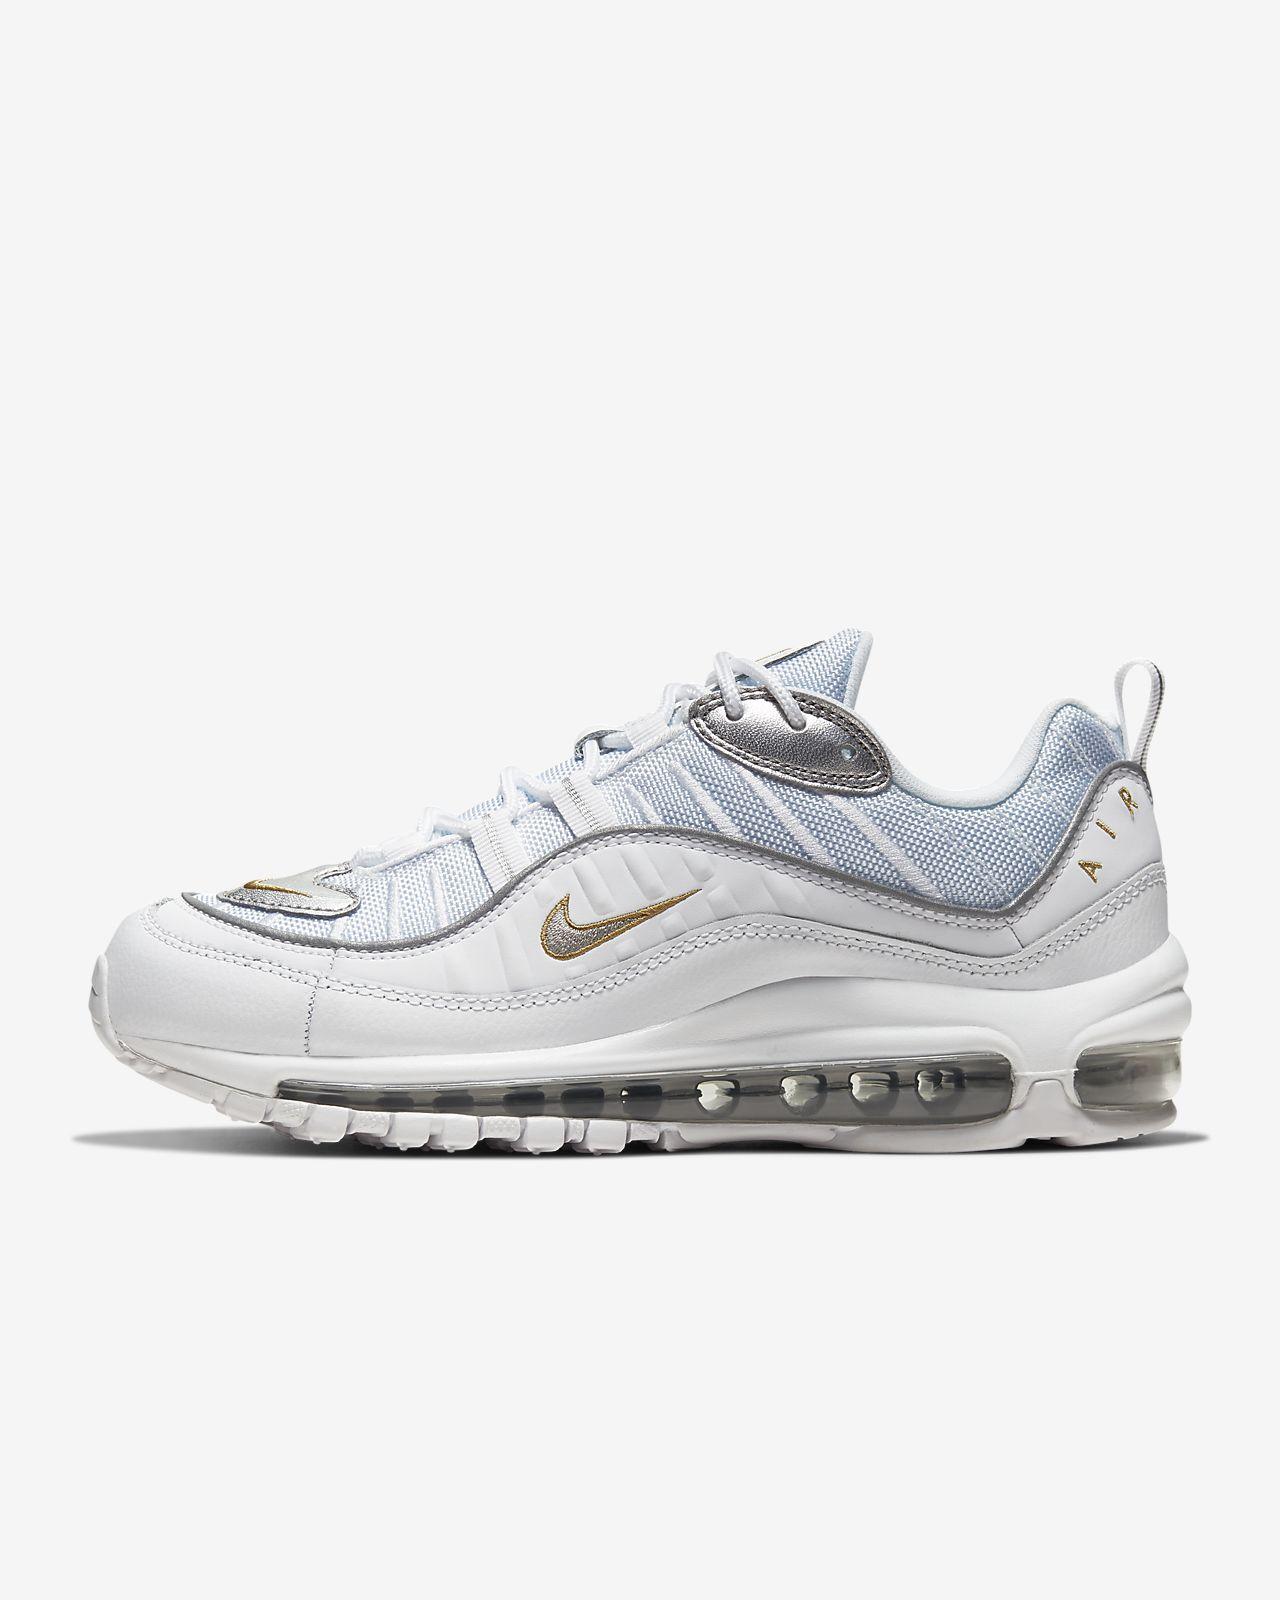 Nike Air Max 98 Damenschuh